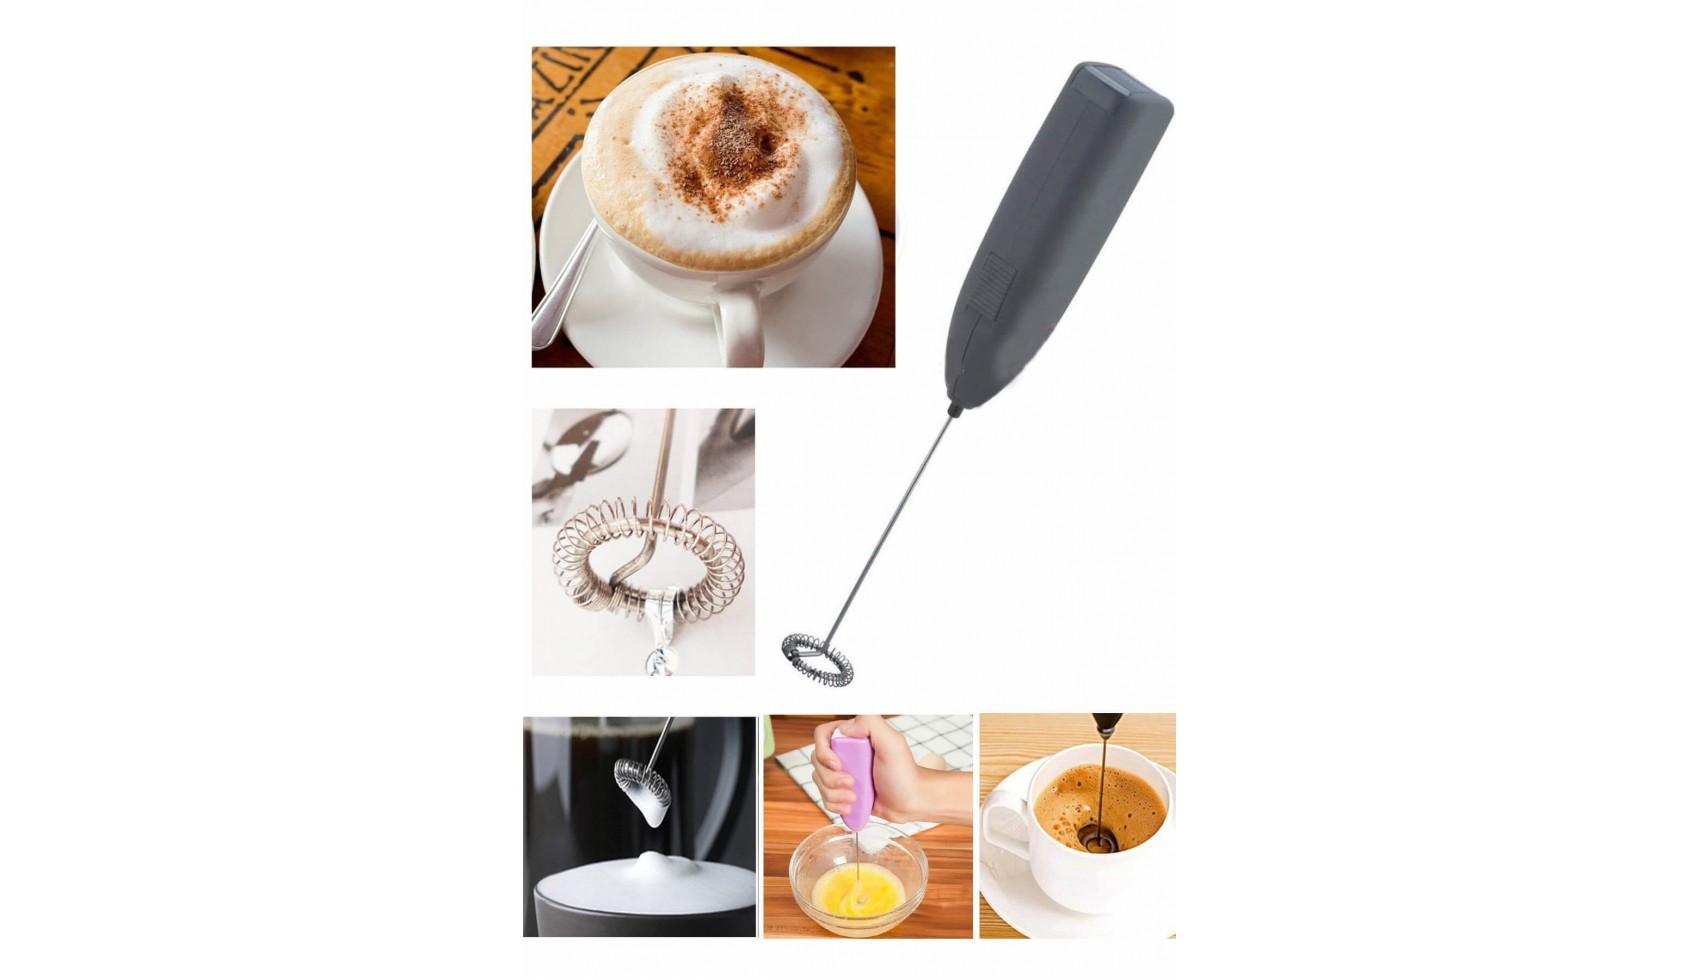 خلاط للقهوة والكابتشينو وكافة انواع المشروبات يعمل بالبطارية